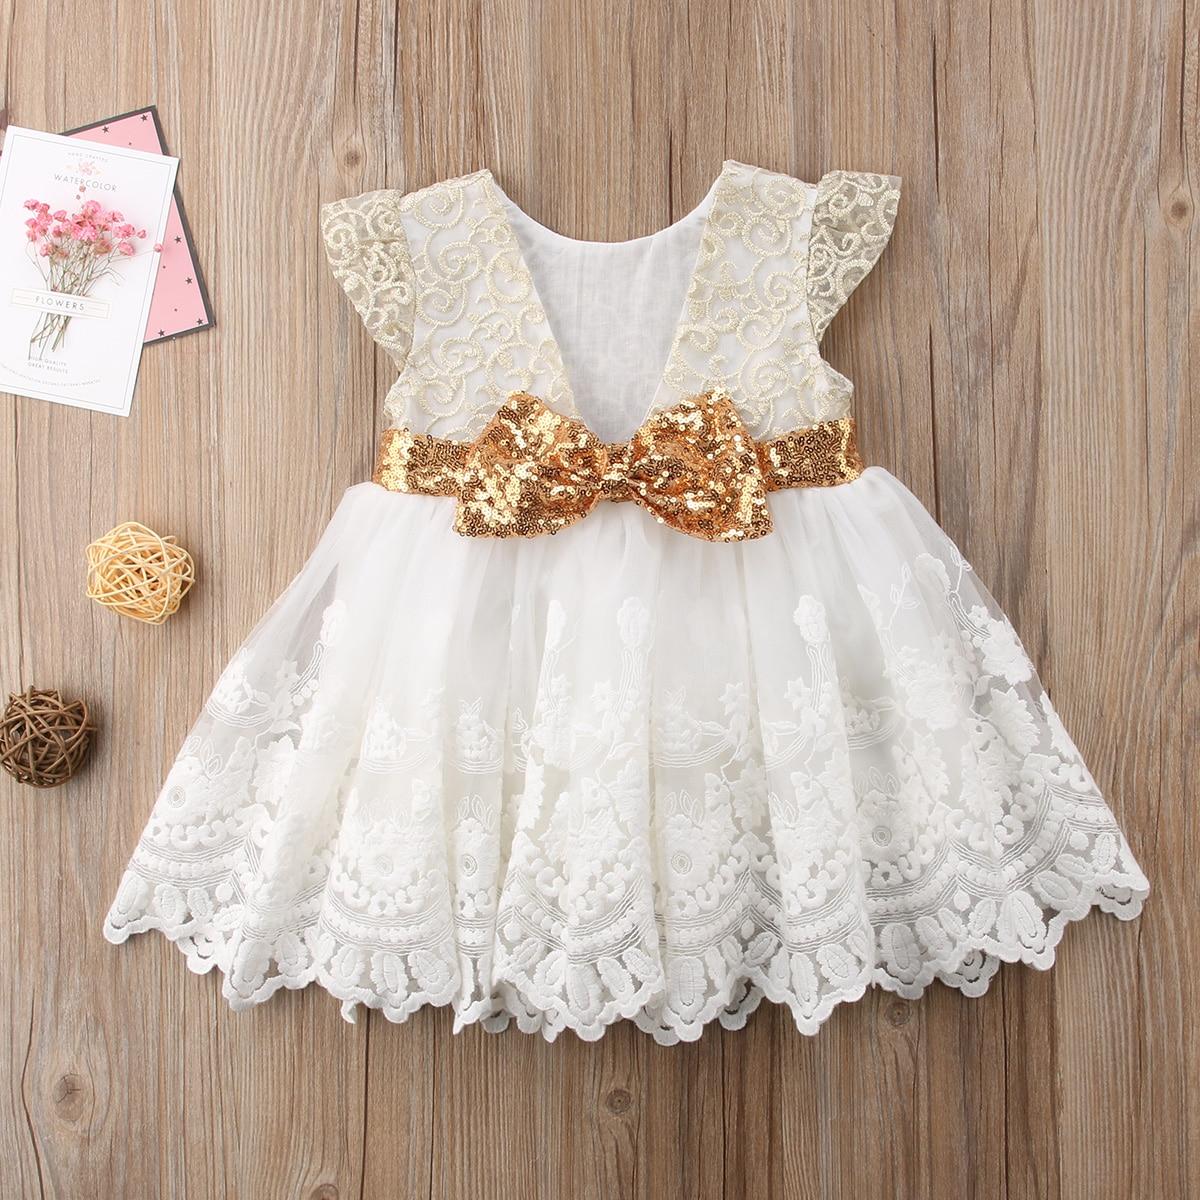 2-7y 2018 Marke Neue Pailletten Mädchen Kleider Gold Beige Partei Pageant Kommunion Kleid Kleine Mädchen Kinder/kinder Kleid Für Hochzeit Einfach Zu Reparieren